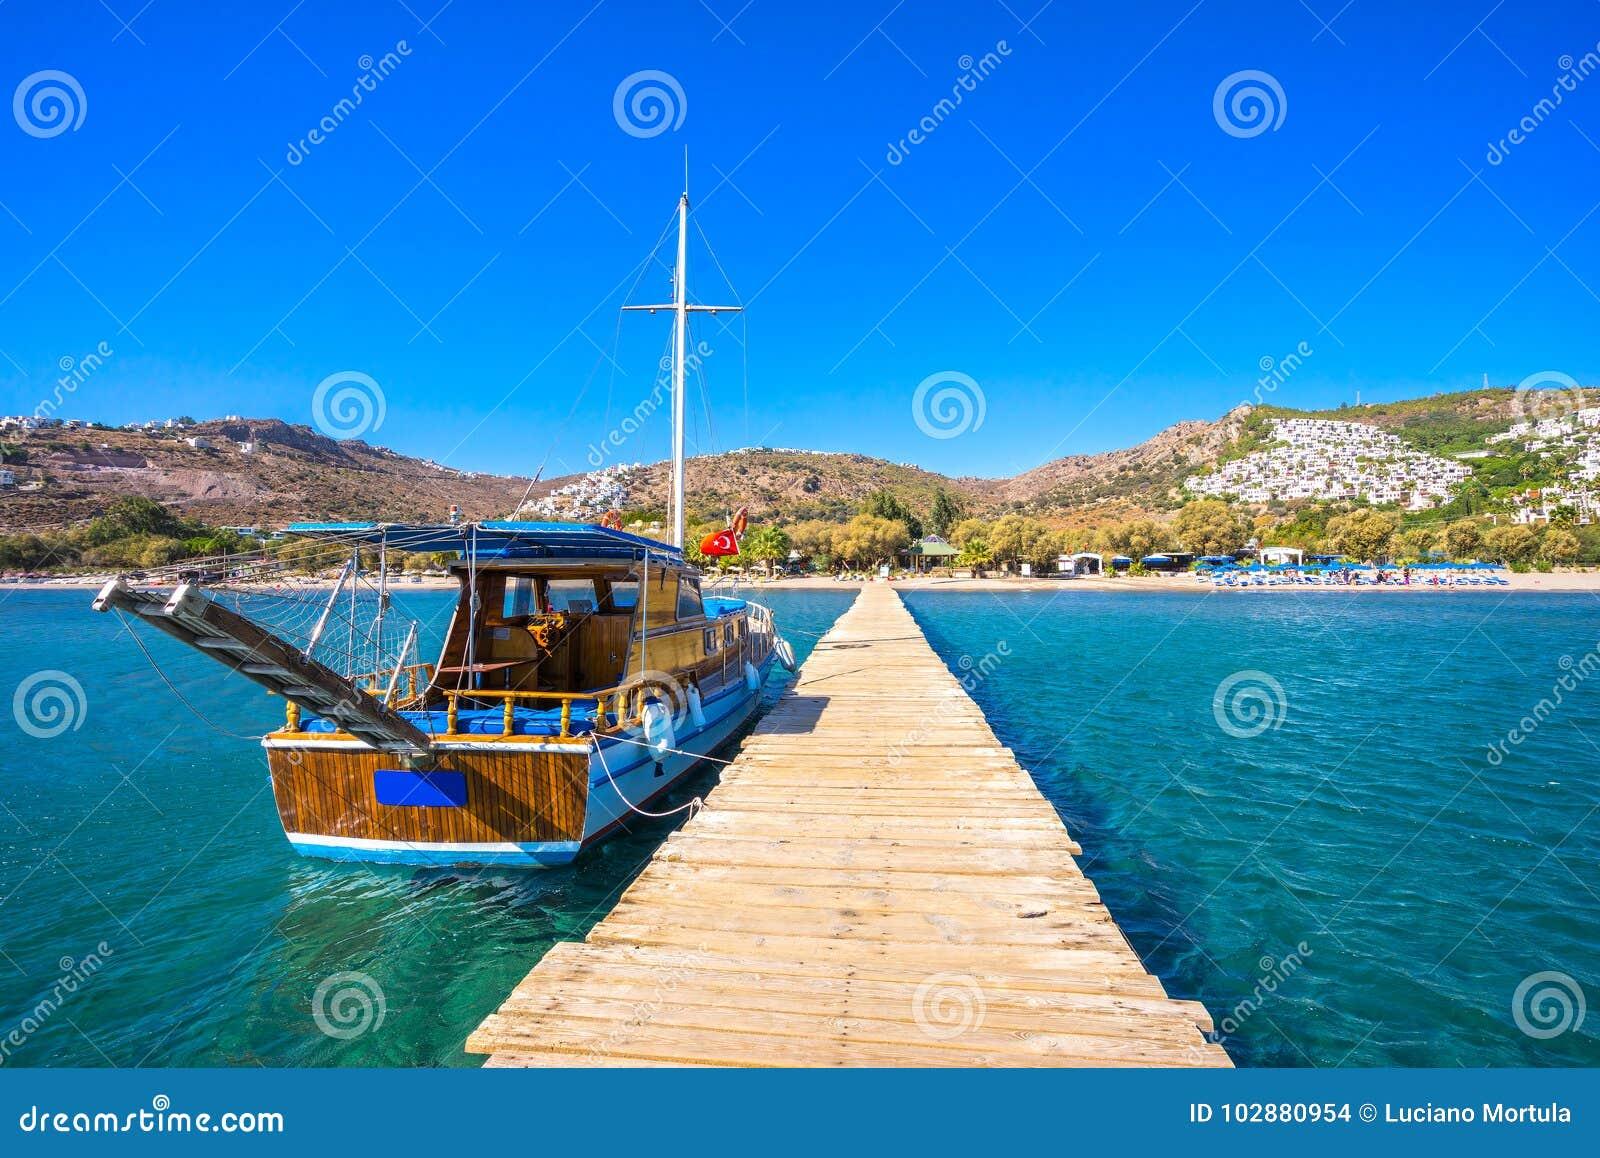 Wielbłąd plaża, Bodrum, Turcja